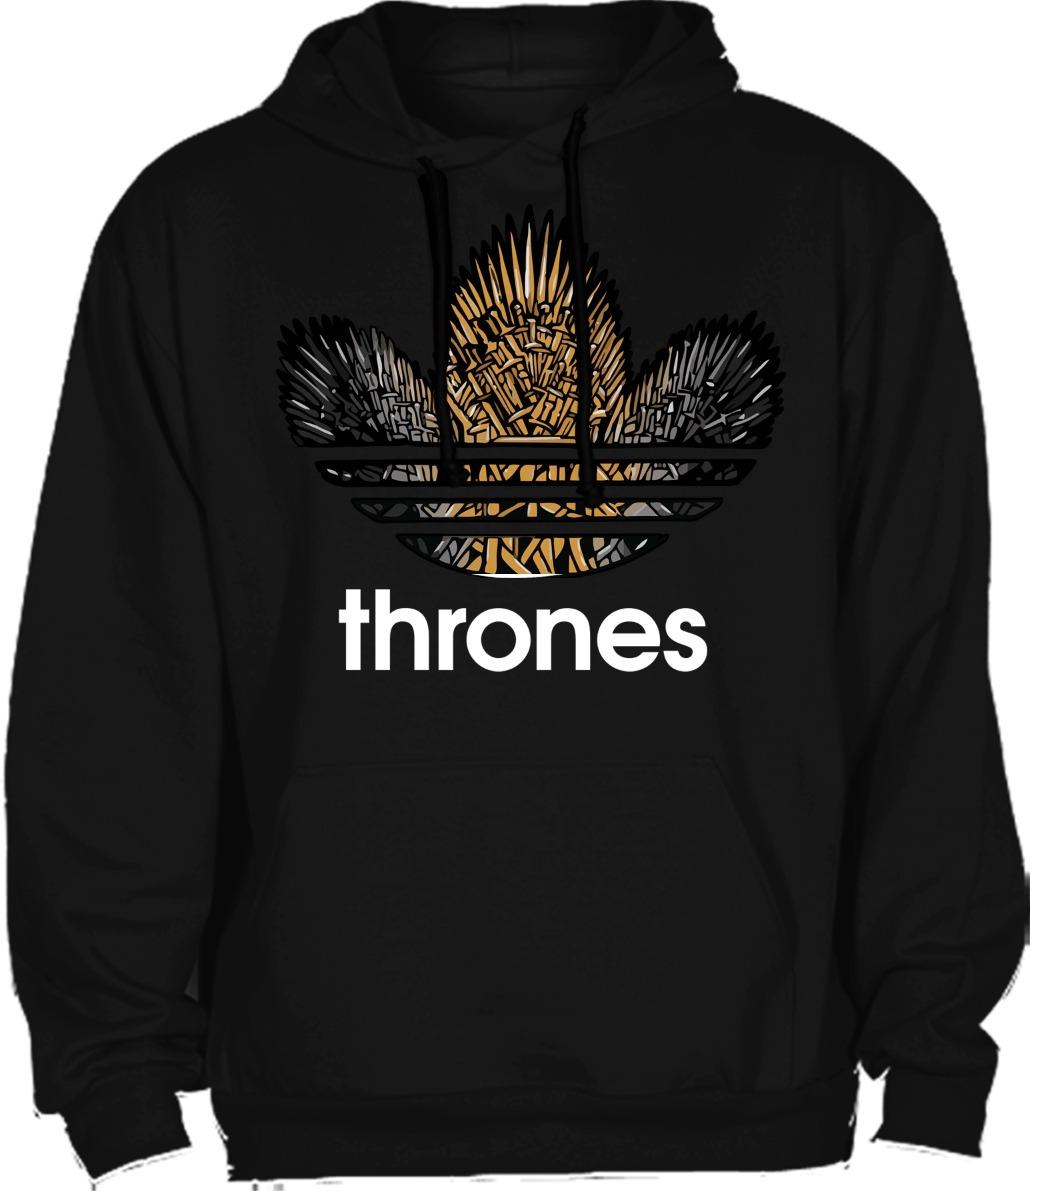 sudadera adidas game of thrones